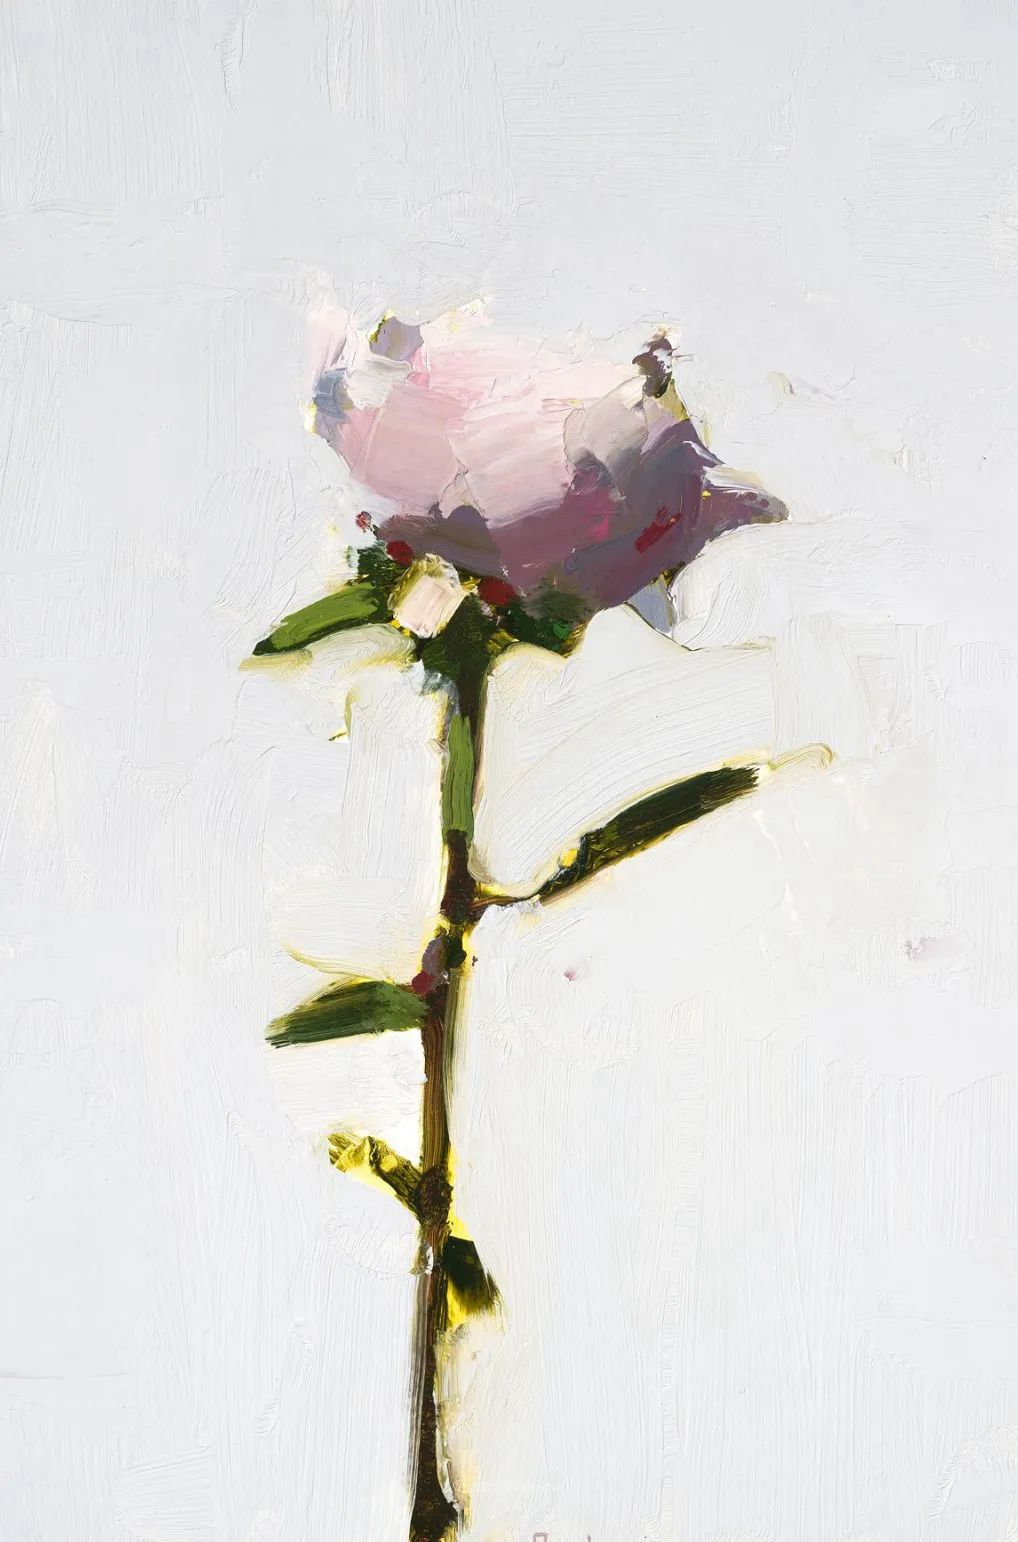 简约宁静 | 波兰画家斯坦利·比伦作品欣赏插图11